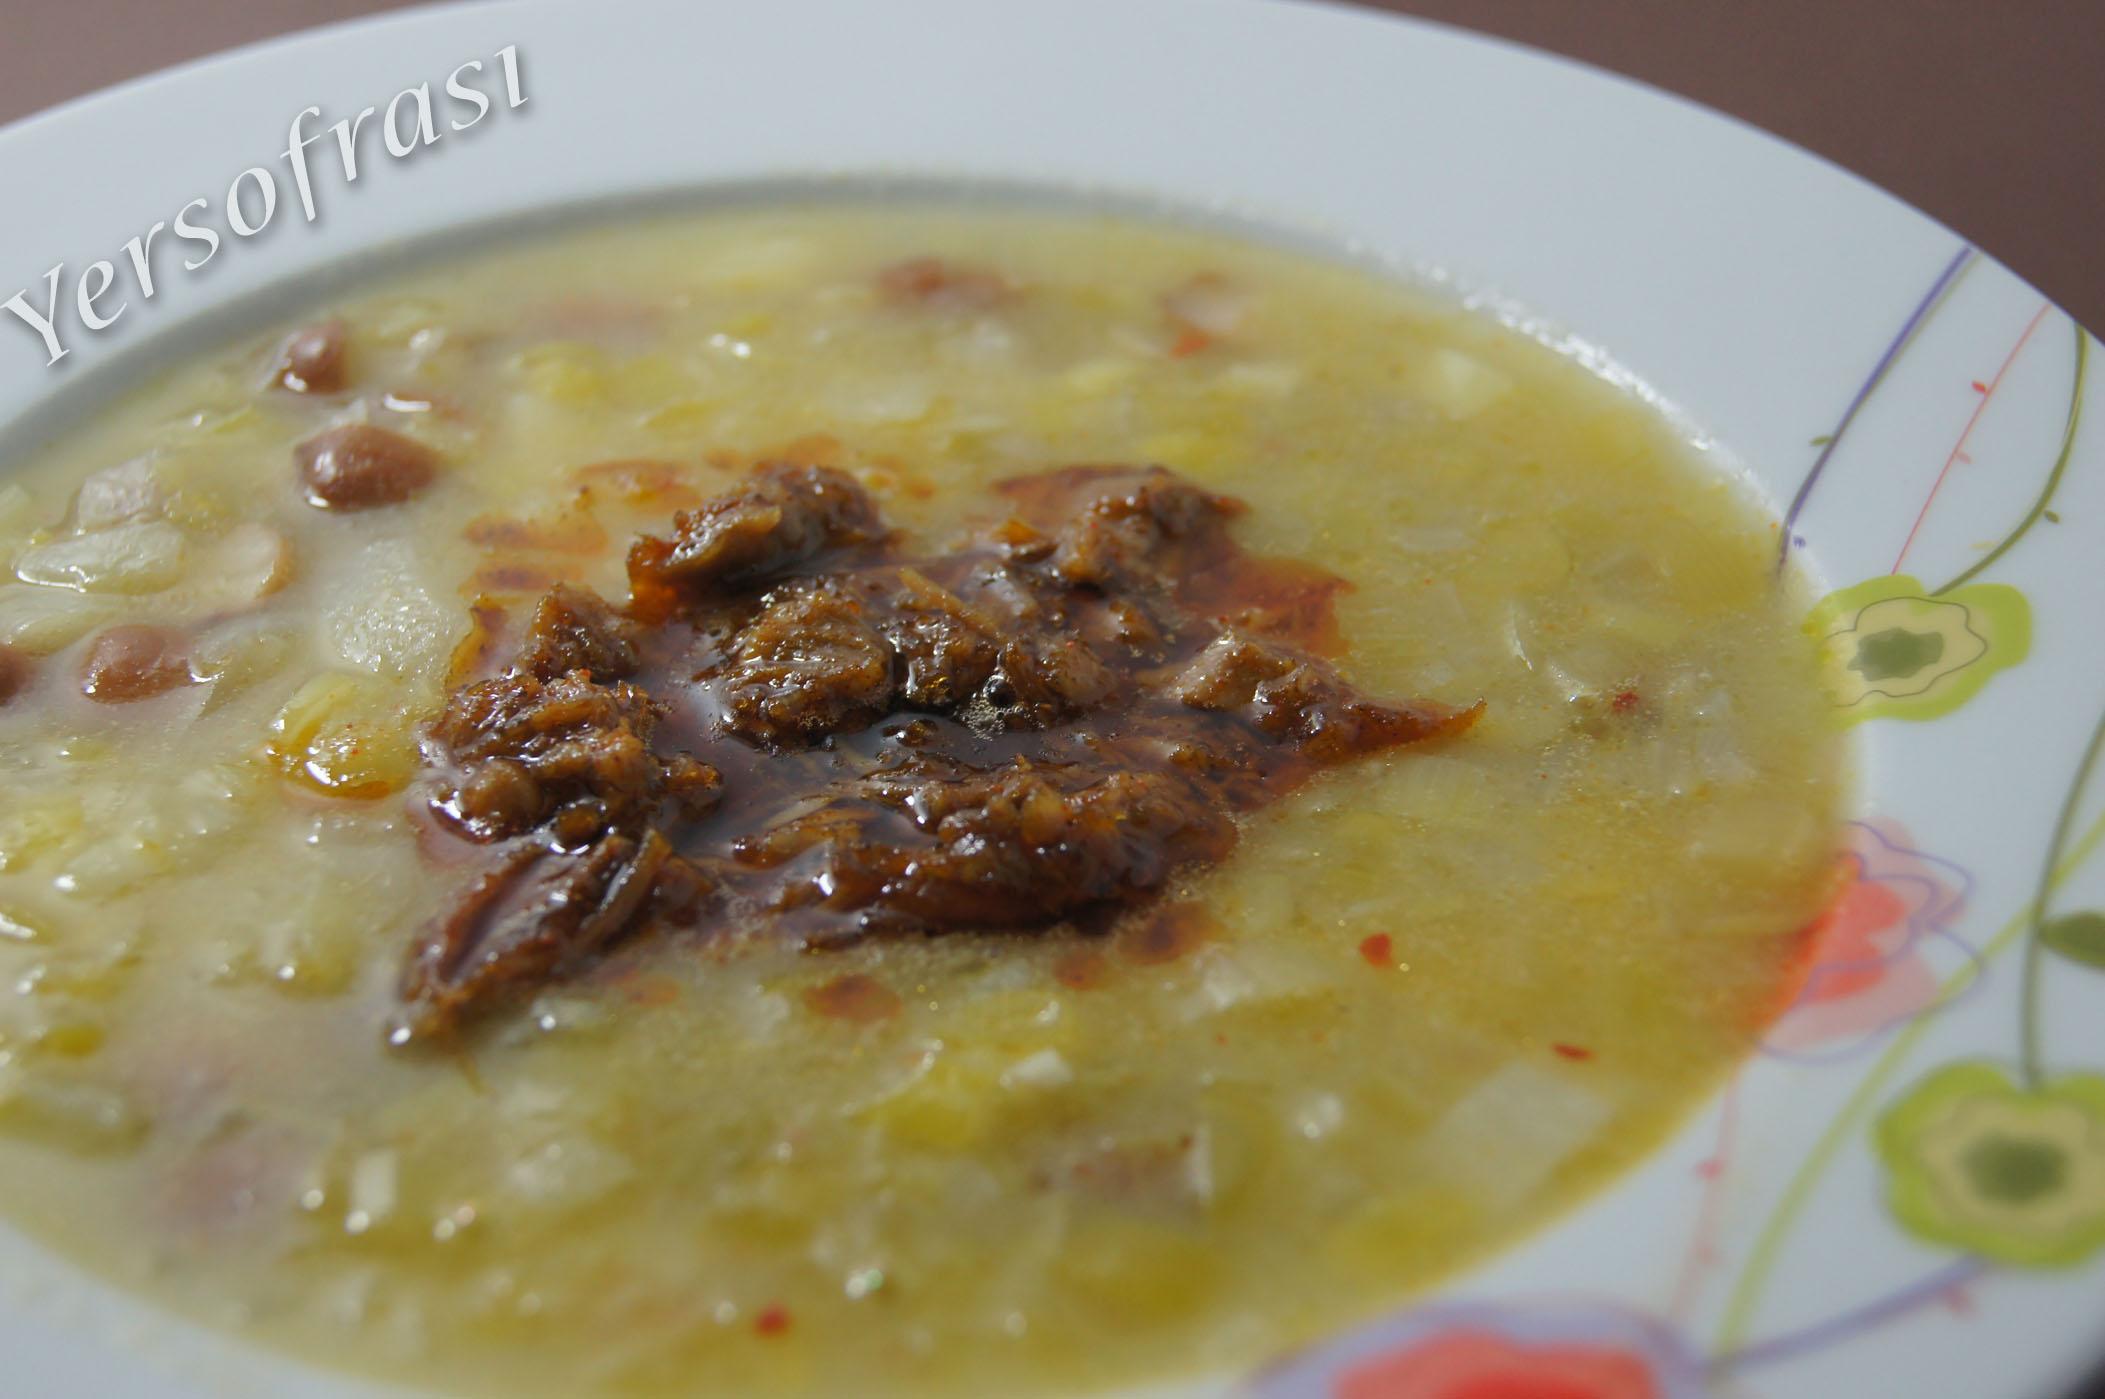 Pırasa çorbası pratik tarif ile Etiketlenen Konular 100